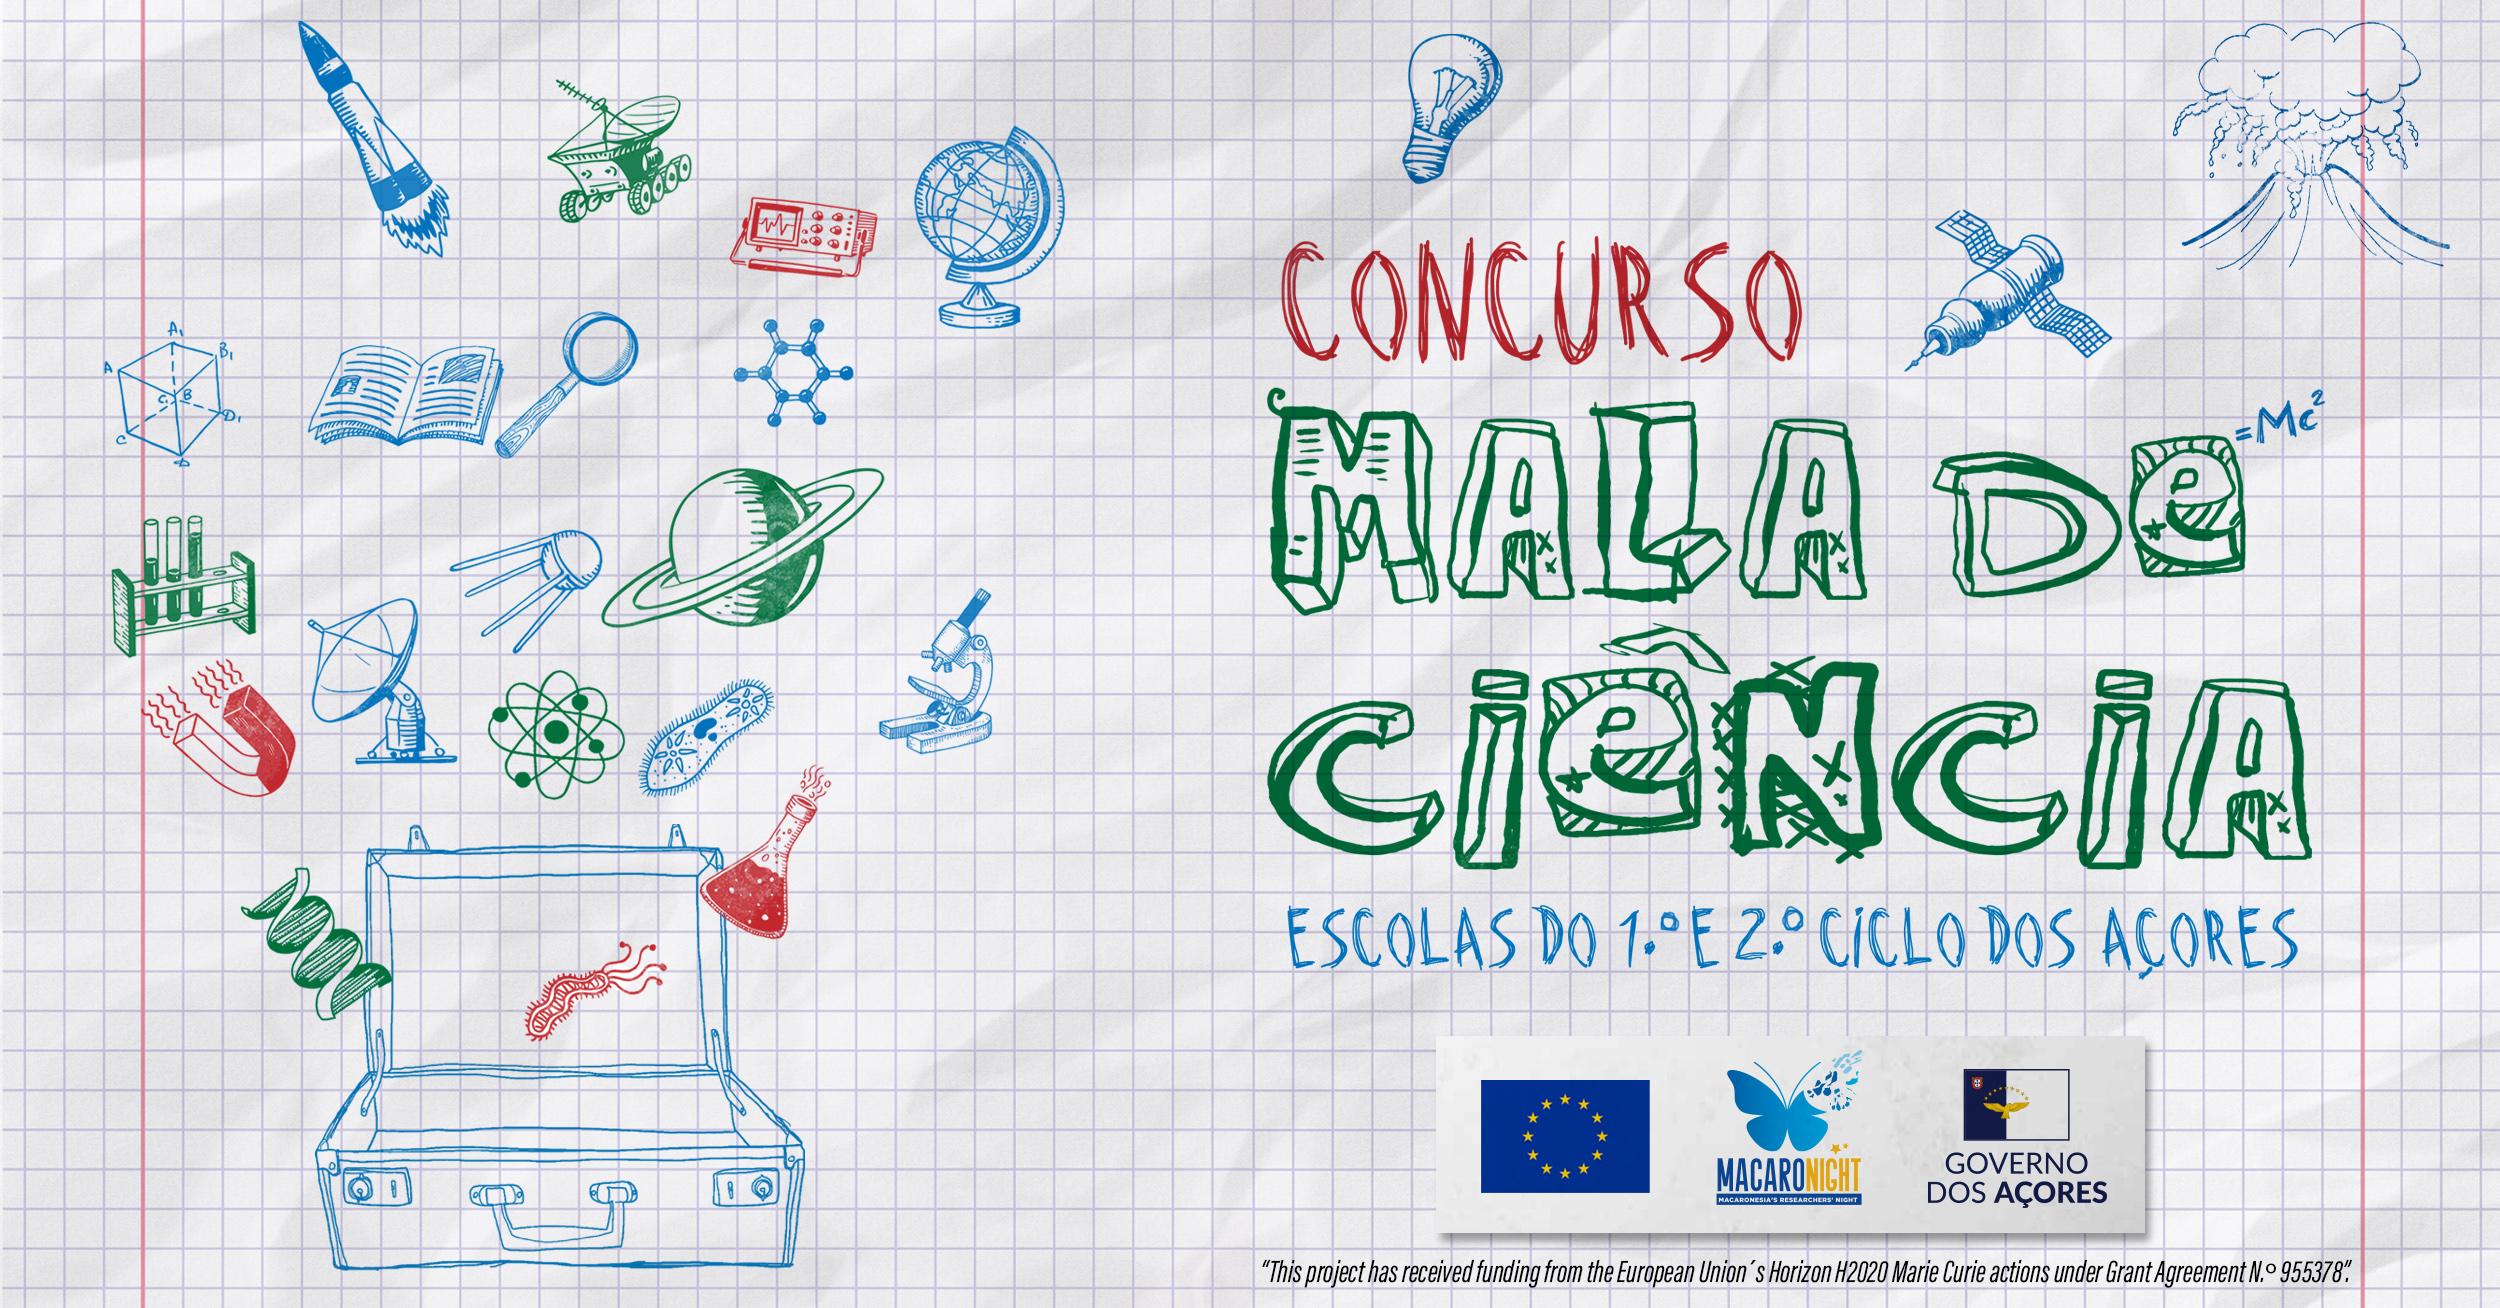 """Governo dos Açores promove concurso """"Mala de Ciência"""", para alunos do 1.º e do 2.º ciclo, no âmbito da Noite dos Investigadores"""